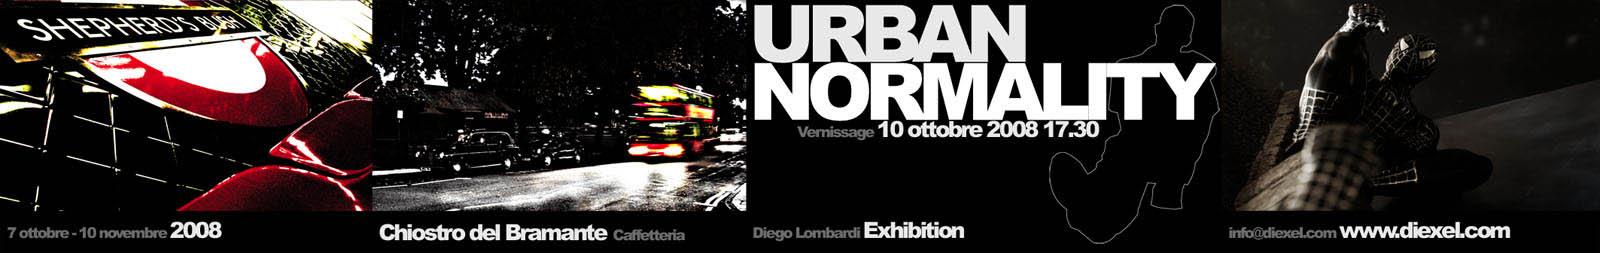 Chiostro del Bramante, Roma / Urban Normality / bookmark / 2008